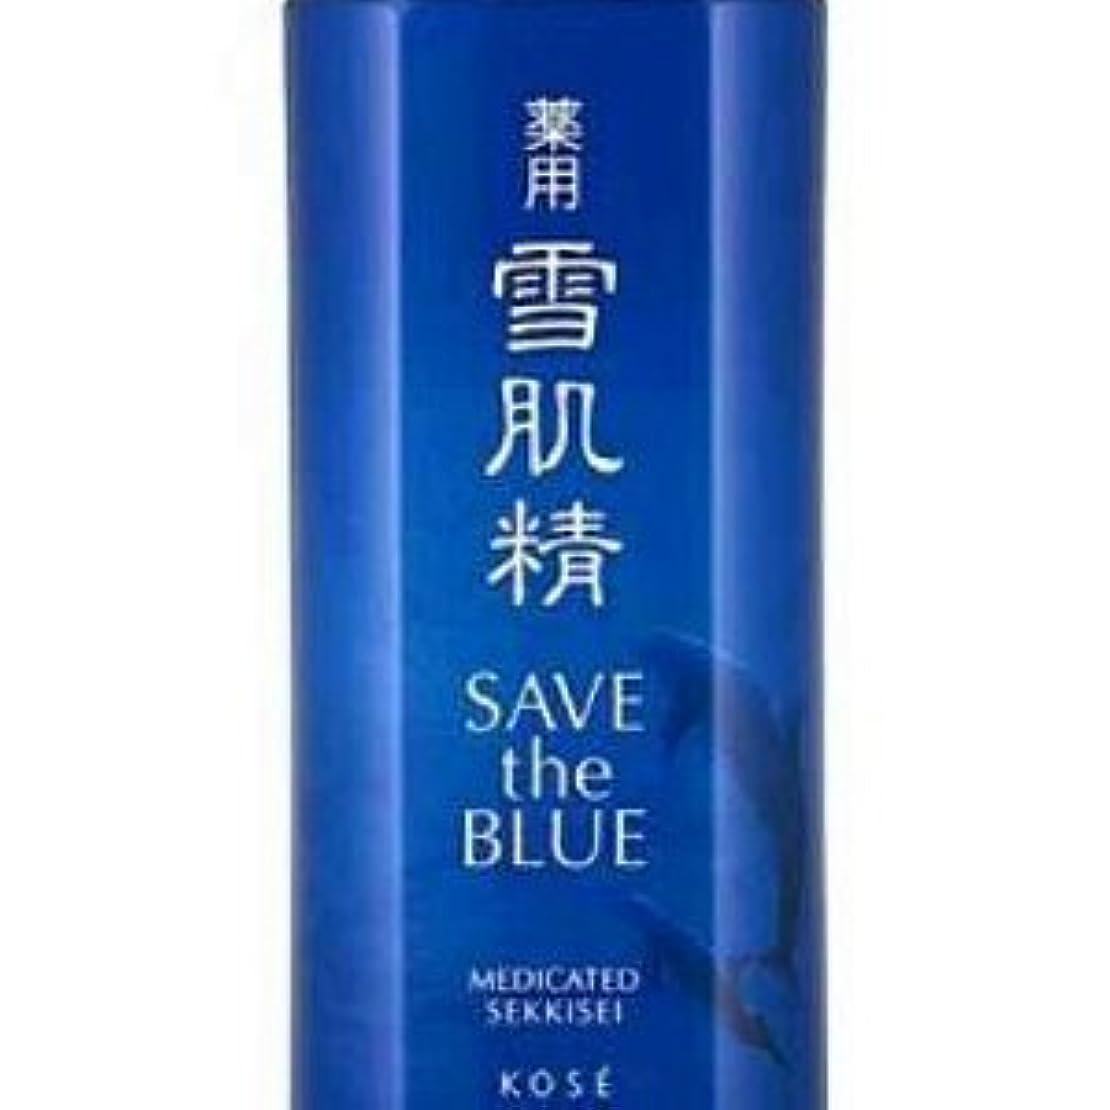 つらいマイコン給料コーセー 薬用雪肌精 化粧水 ディスペンサー付限定ボトル 500ml アウトレット